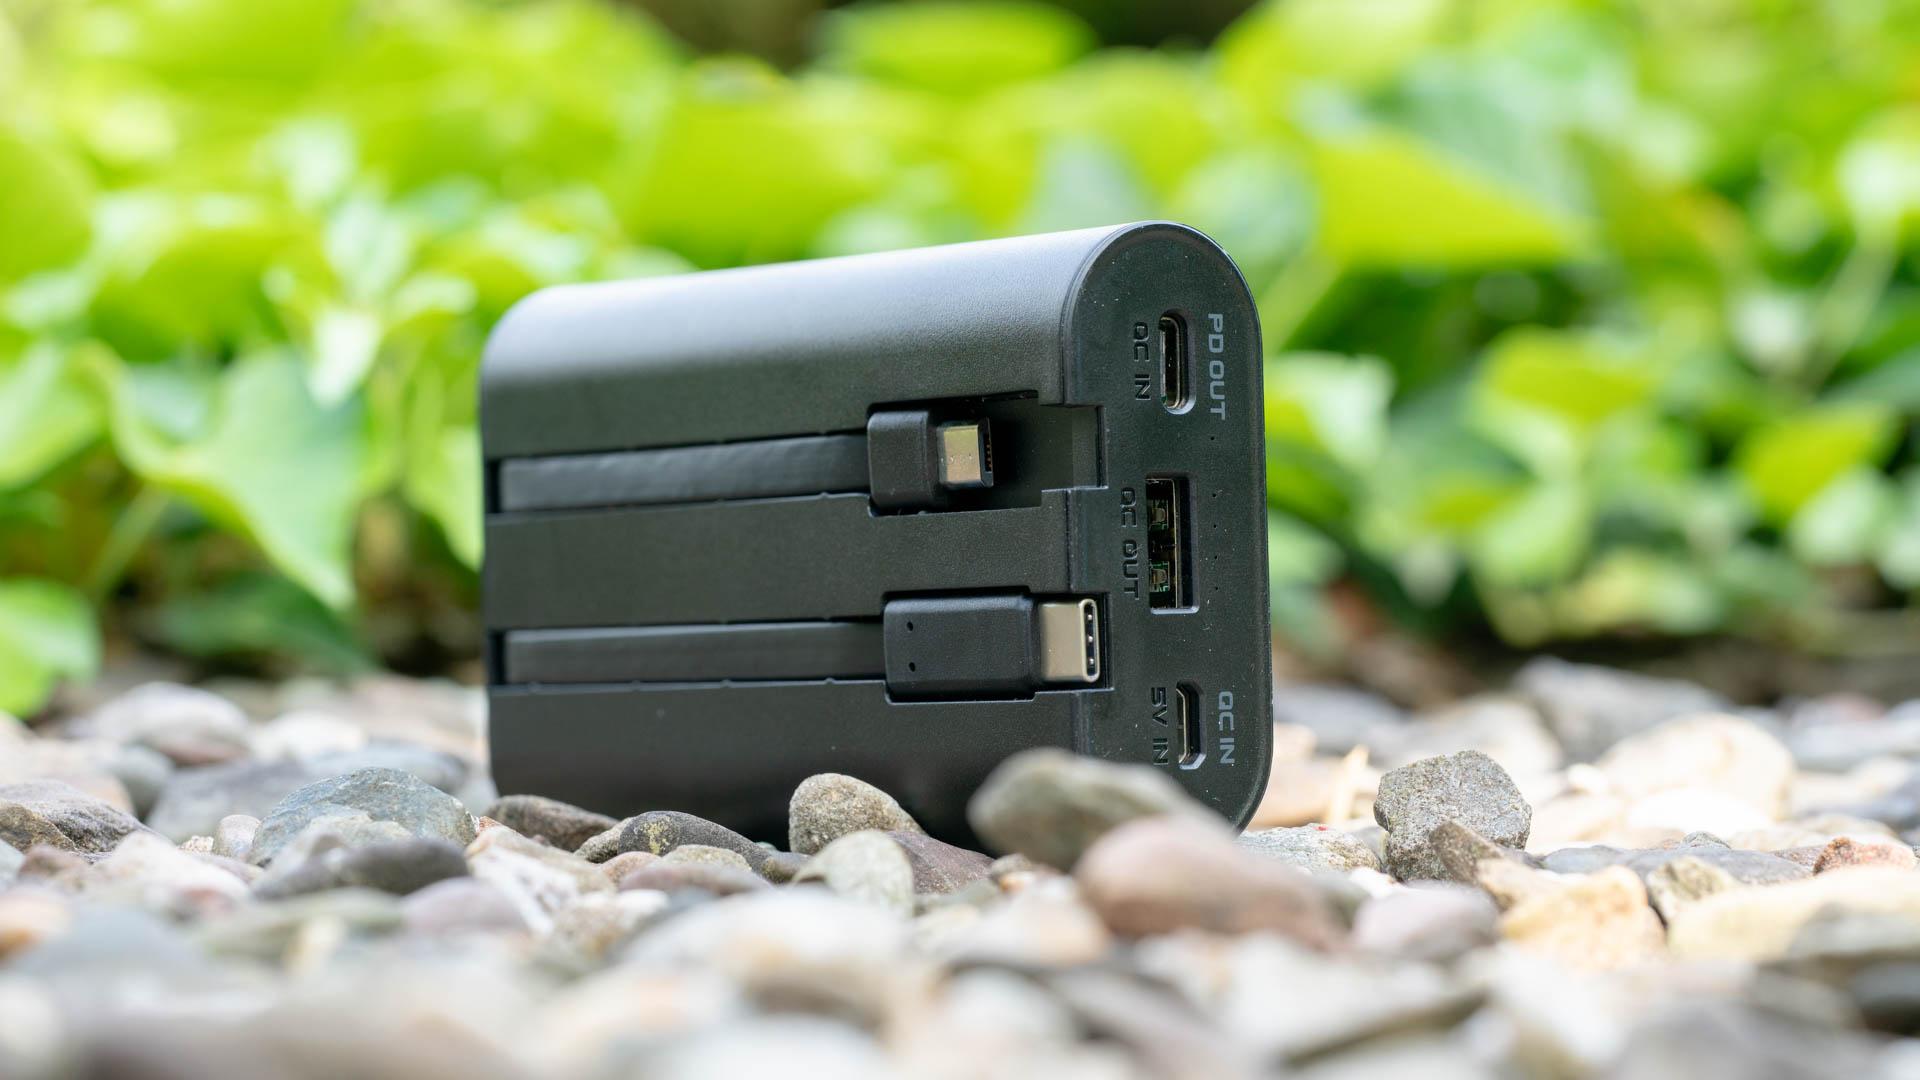 Smartphone besitzt und se schnell aufladen möchte und dafür eine günstige und kompakte Powerbank sucht